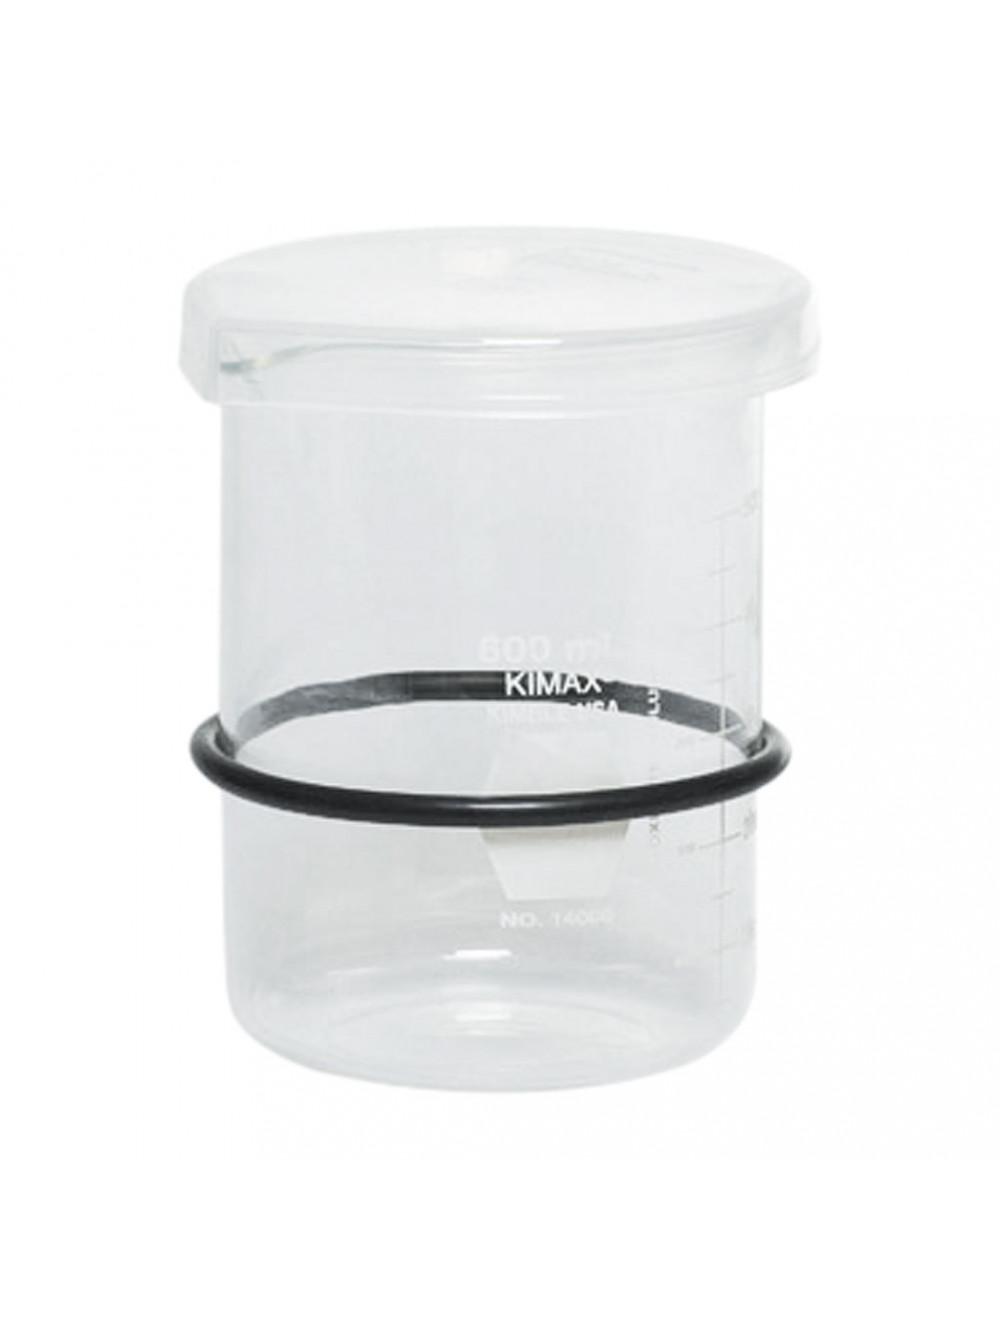 Das Produkt Coltene BioSonic Becherglas für Ultraschallgeräte, 600 ml, Deckel, Positionsring UC53 aus dem Global-dent online shop.